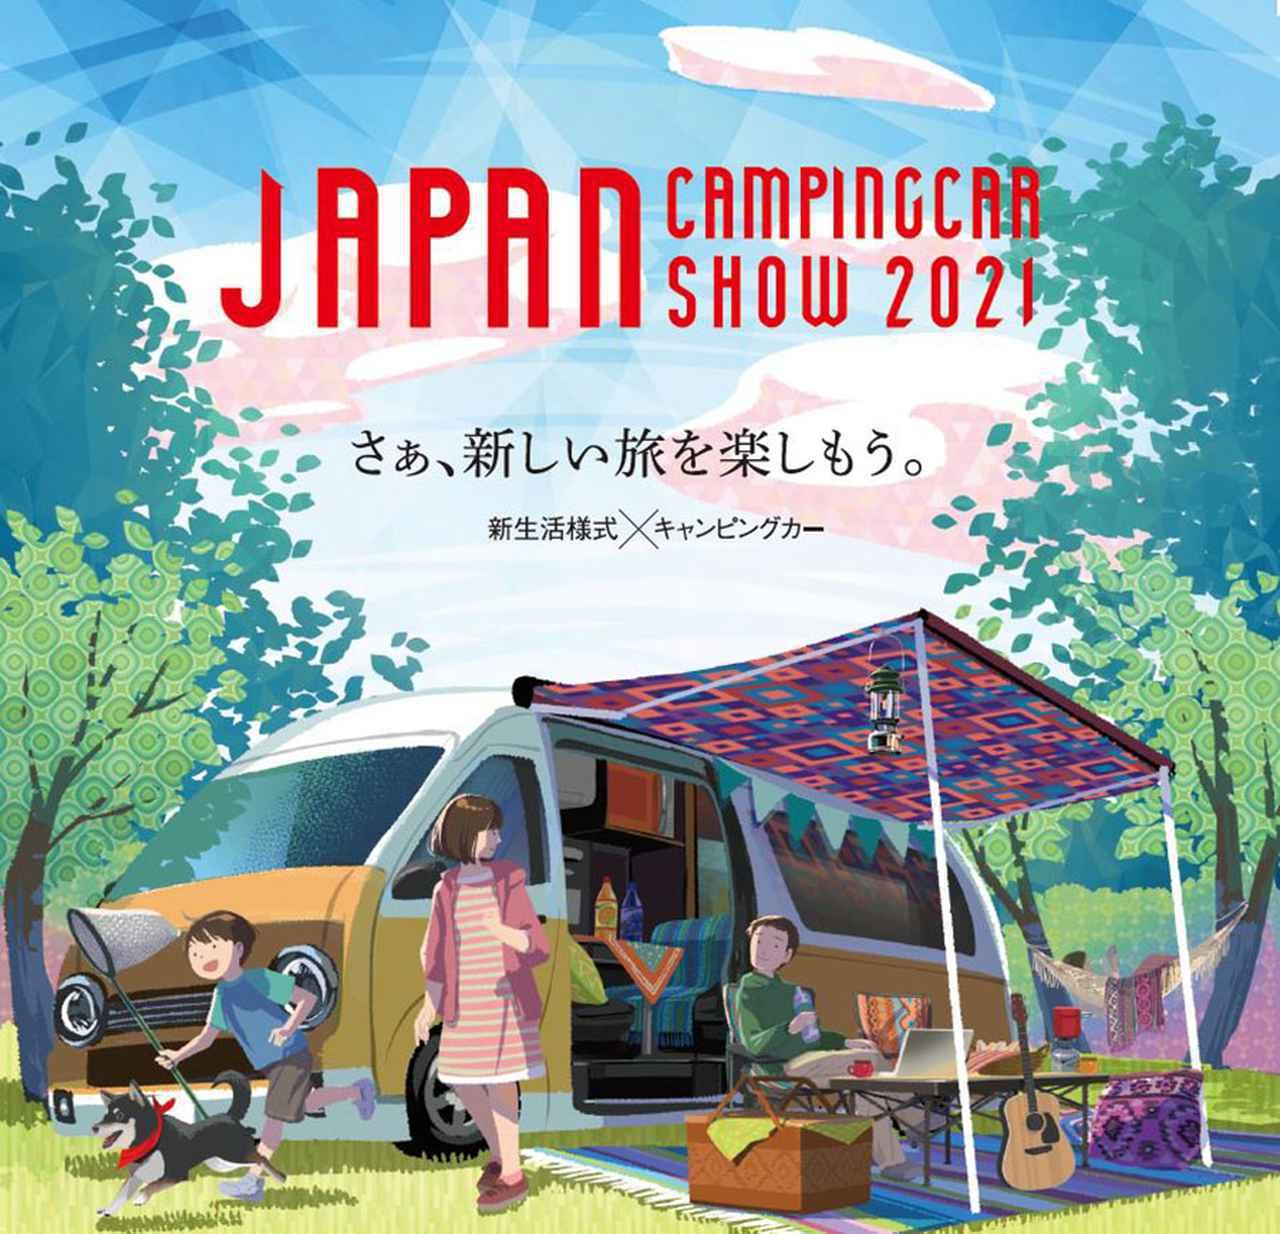 画像1: 4/2~4/4 ジャパンキャンピングカーショー2021(千葉県)